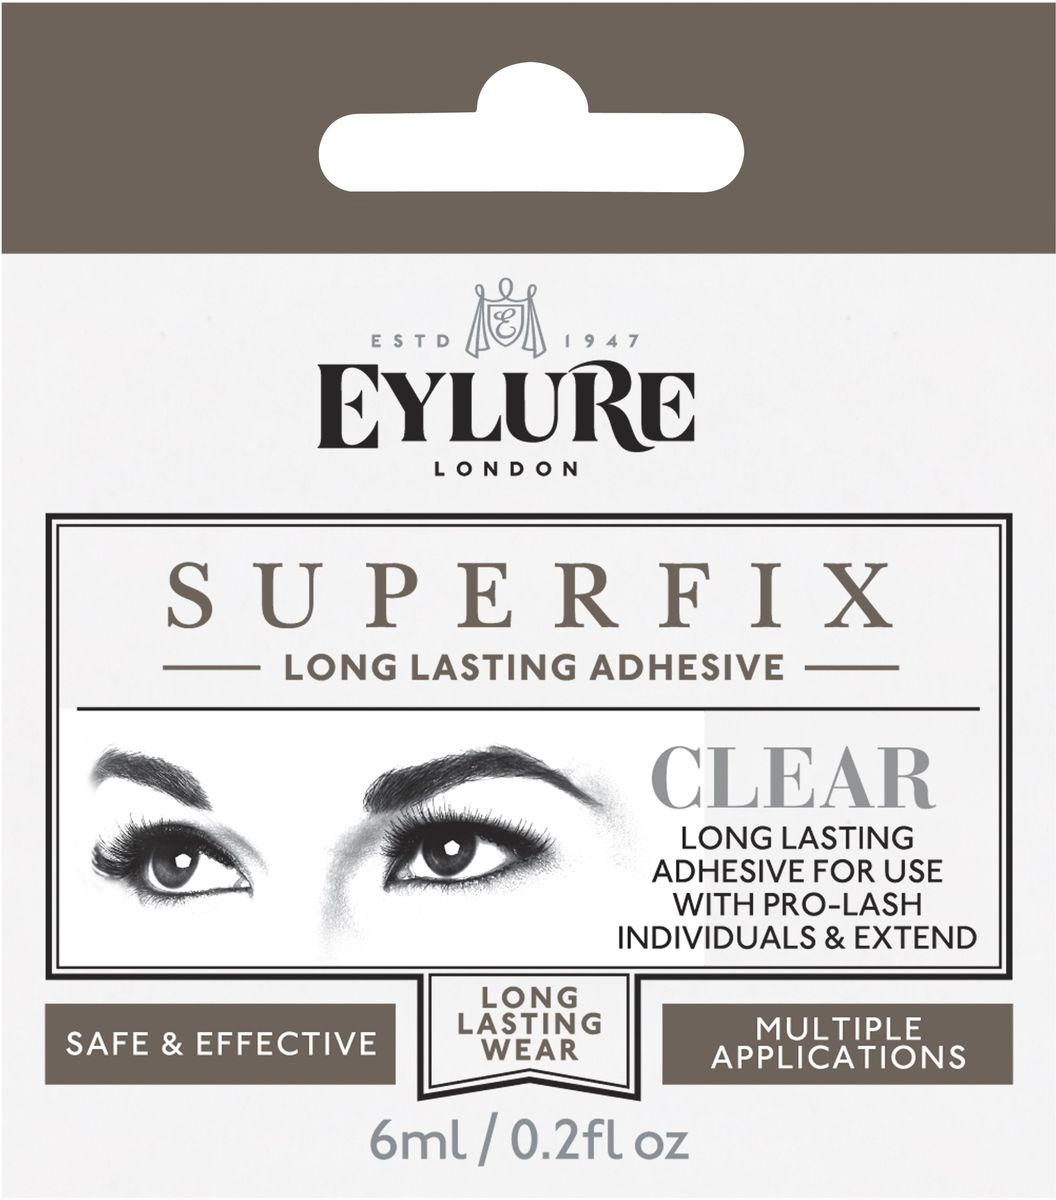 Eylure Клей для наращивания пучков и ресниц, 8,5 мл6003002Клей для наращивания пучков и ресниц